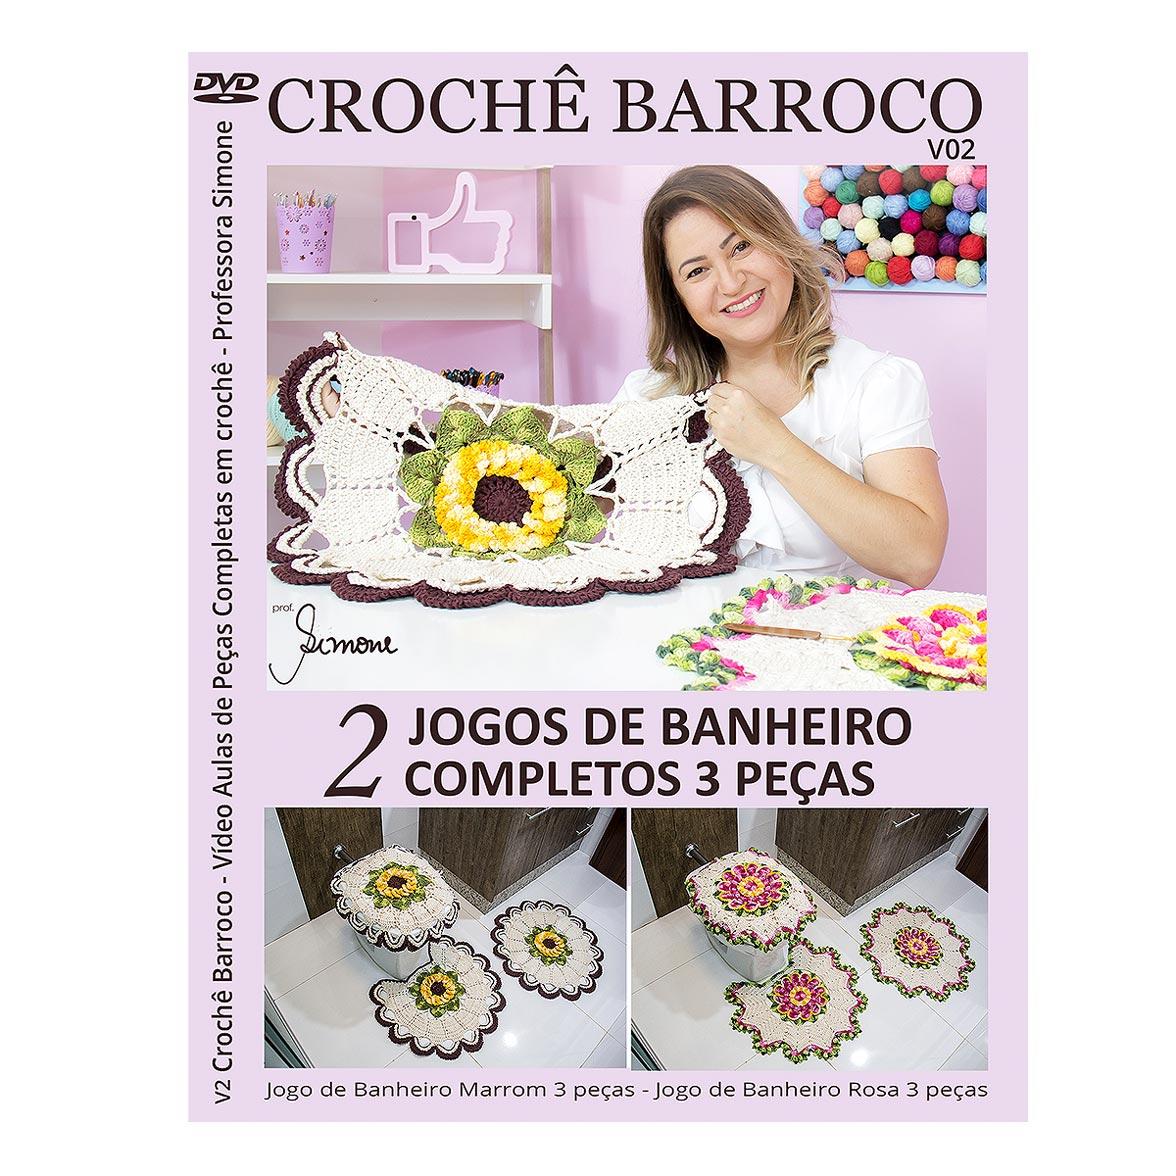 KIT Crochê Barroco com Simone Eleotério - Jogo de Banheiro Rosa